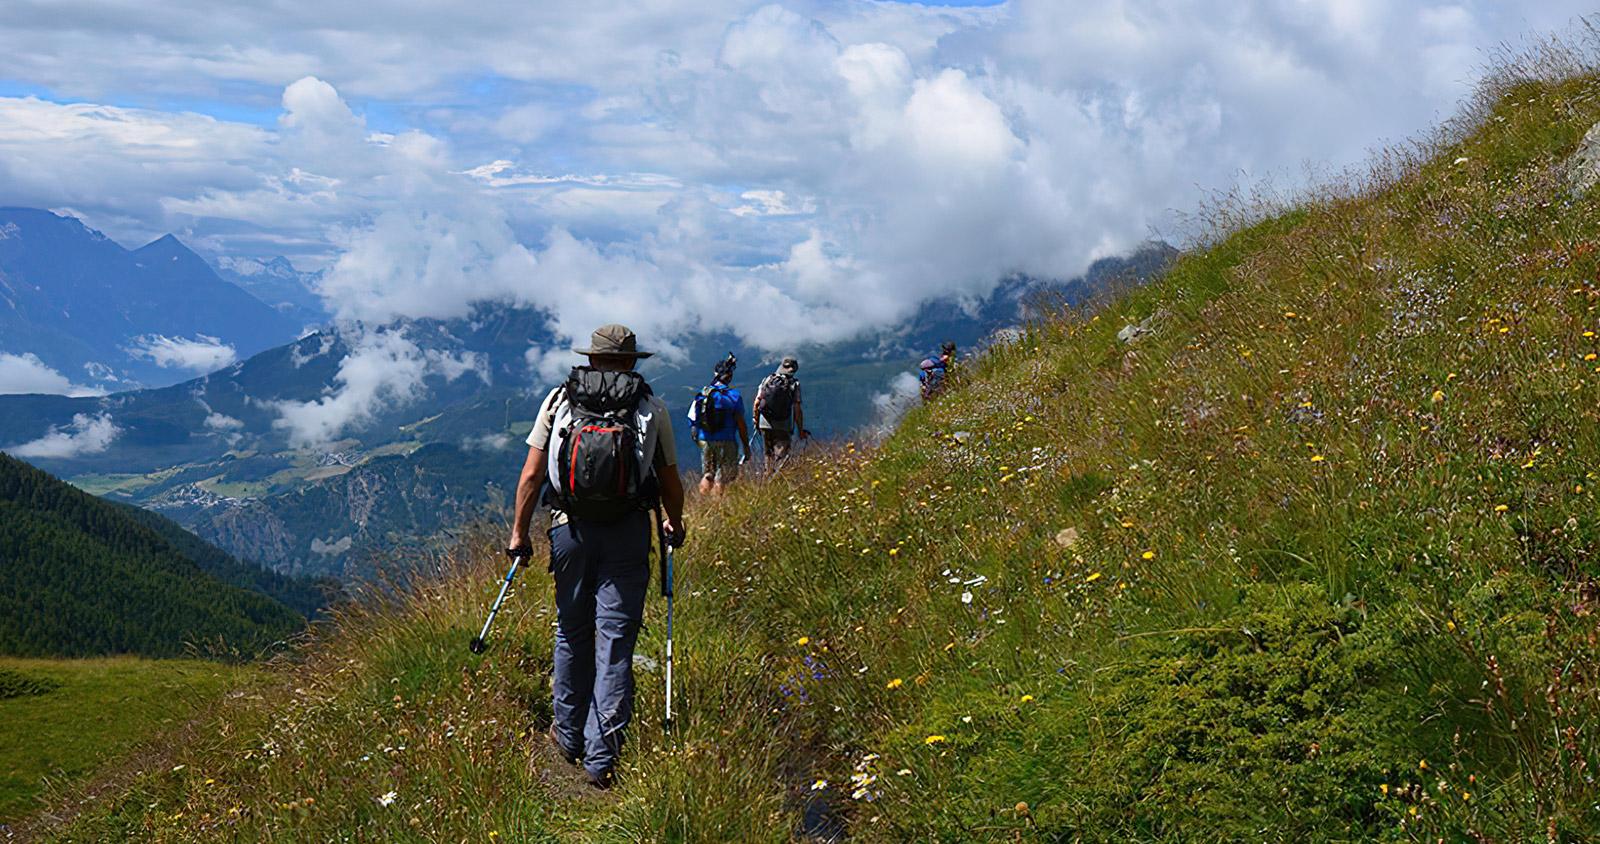 Prendi un appuntamento con la natura e vieni a camminare con le Guide dell'Alpenstock!